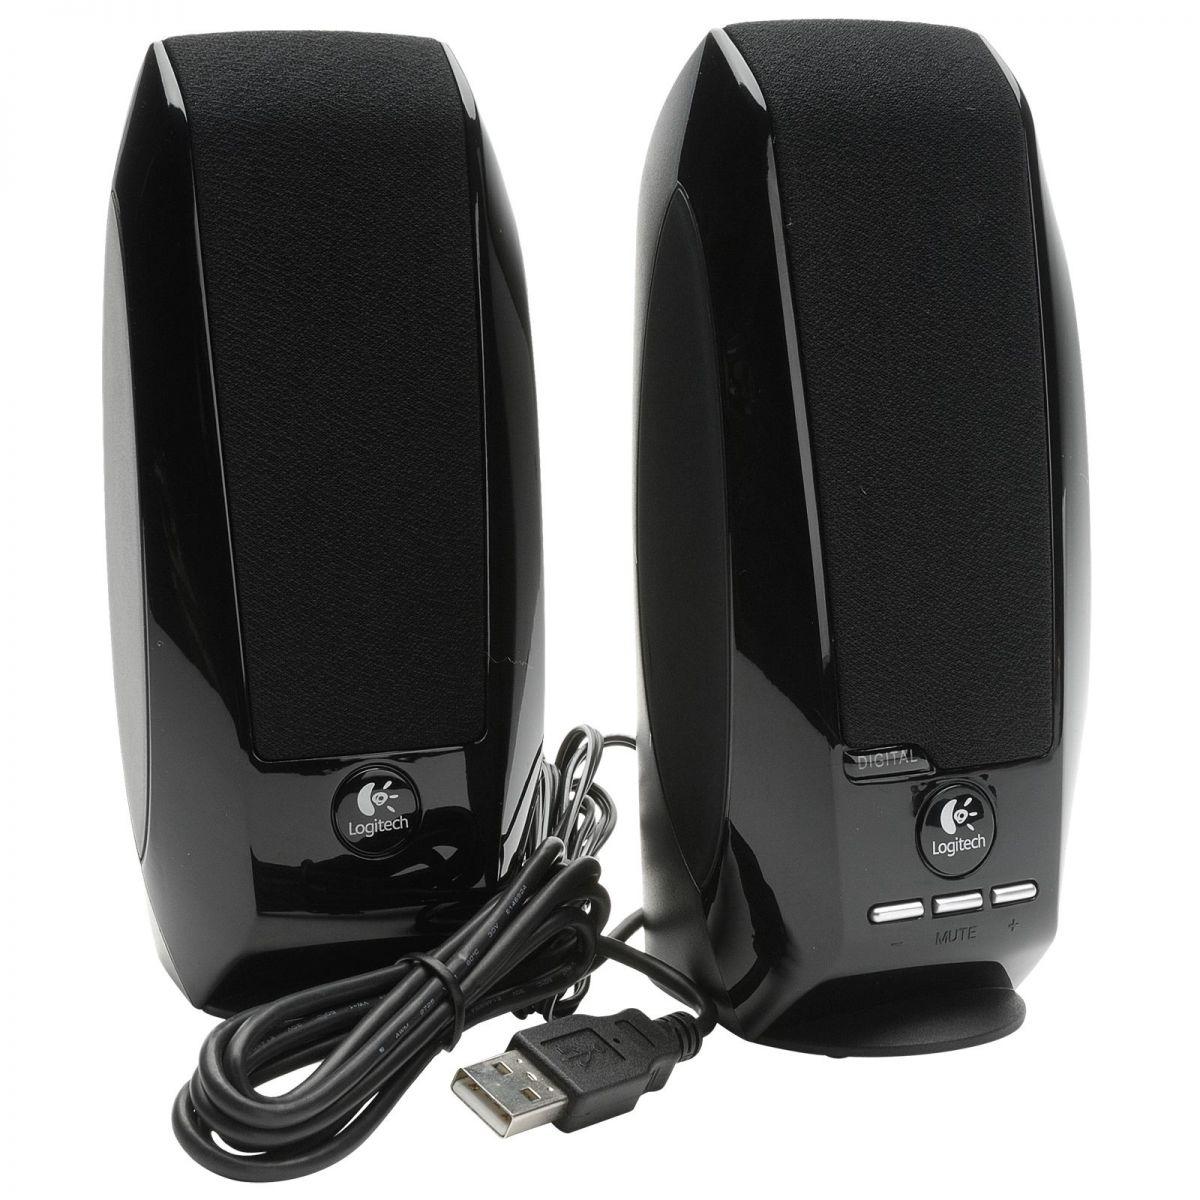 Caixa de Som S150 Digital USB - Logitech